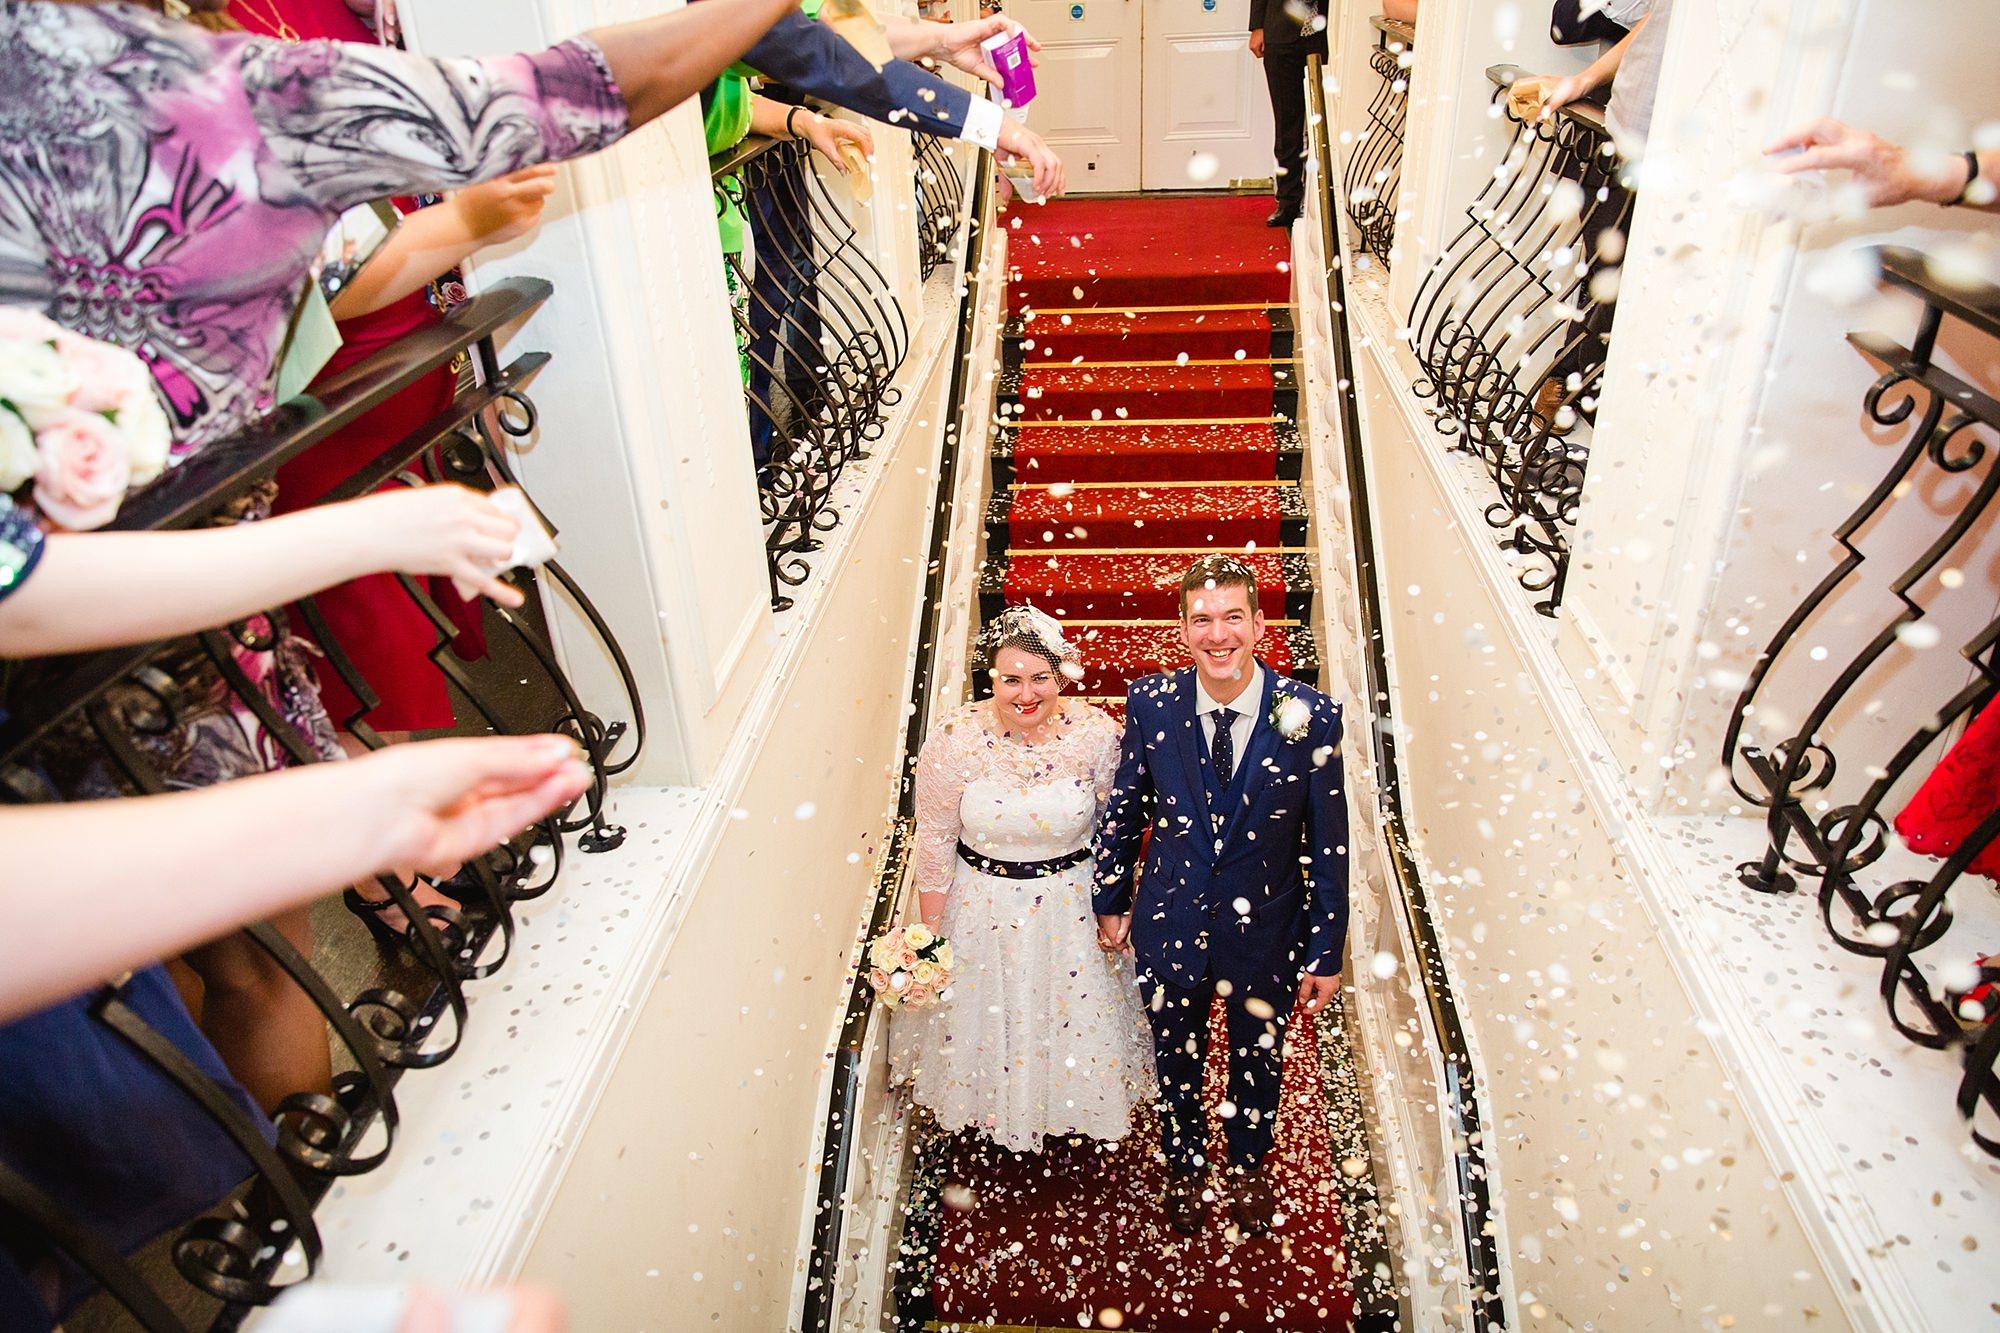 Trafalgar Tavern wedding bride and groom in confetti